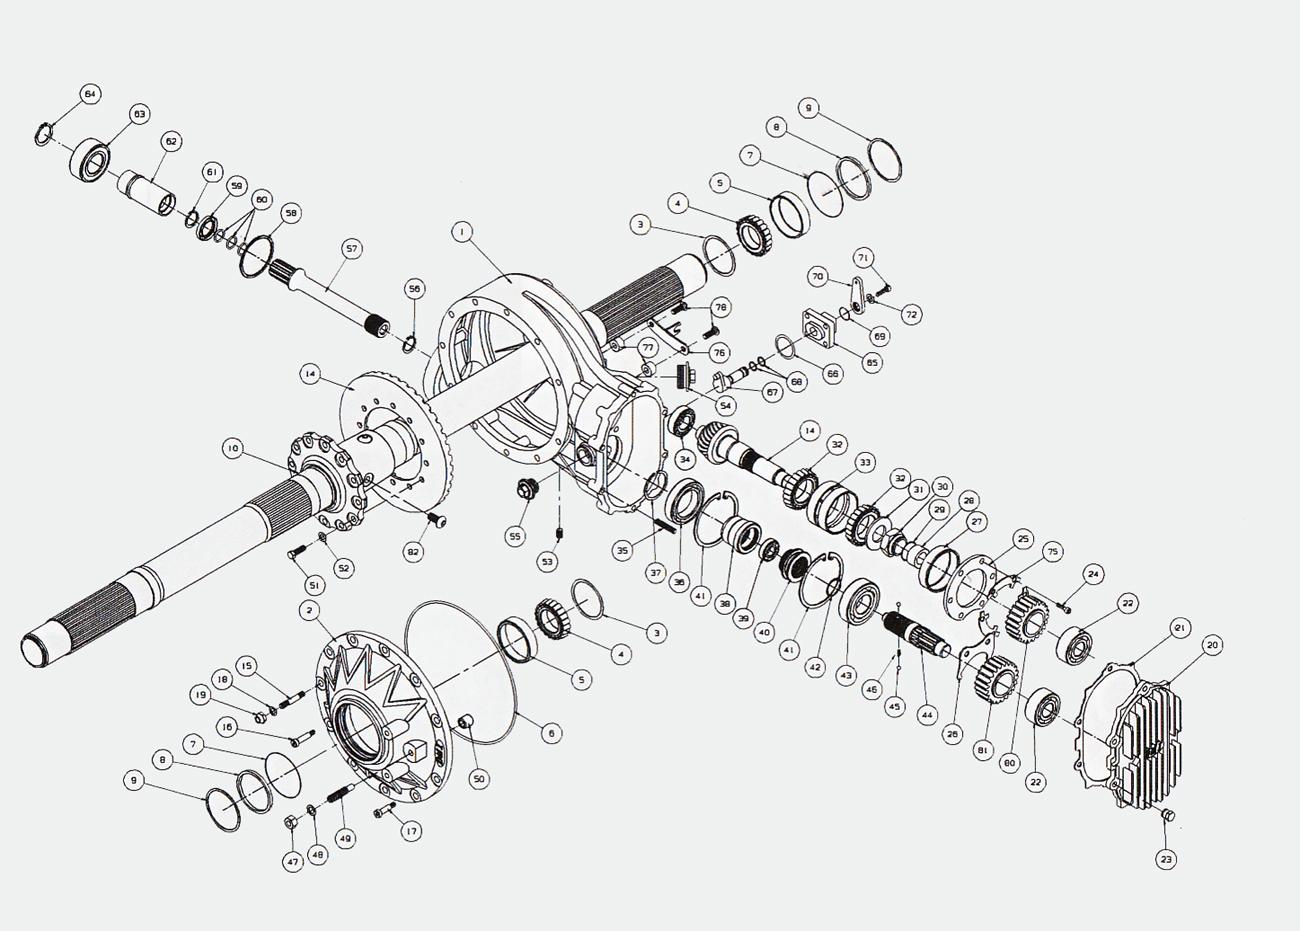 bargman wiring diagram flat html